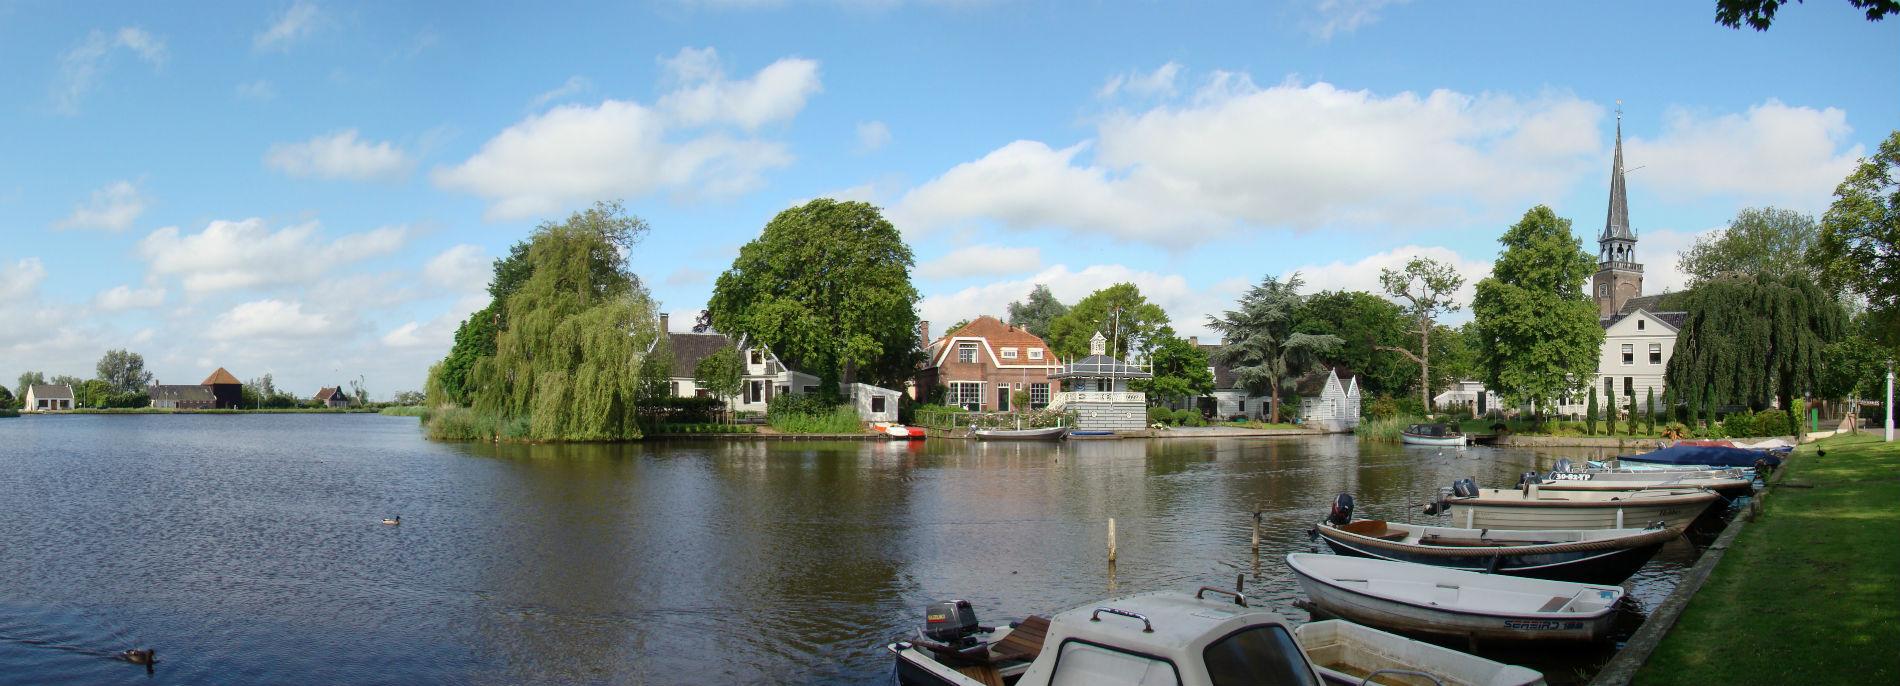 airbnb-waterland-stadsoverview